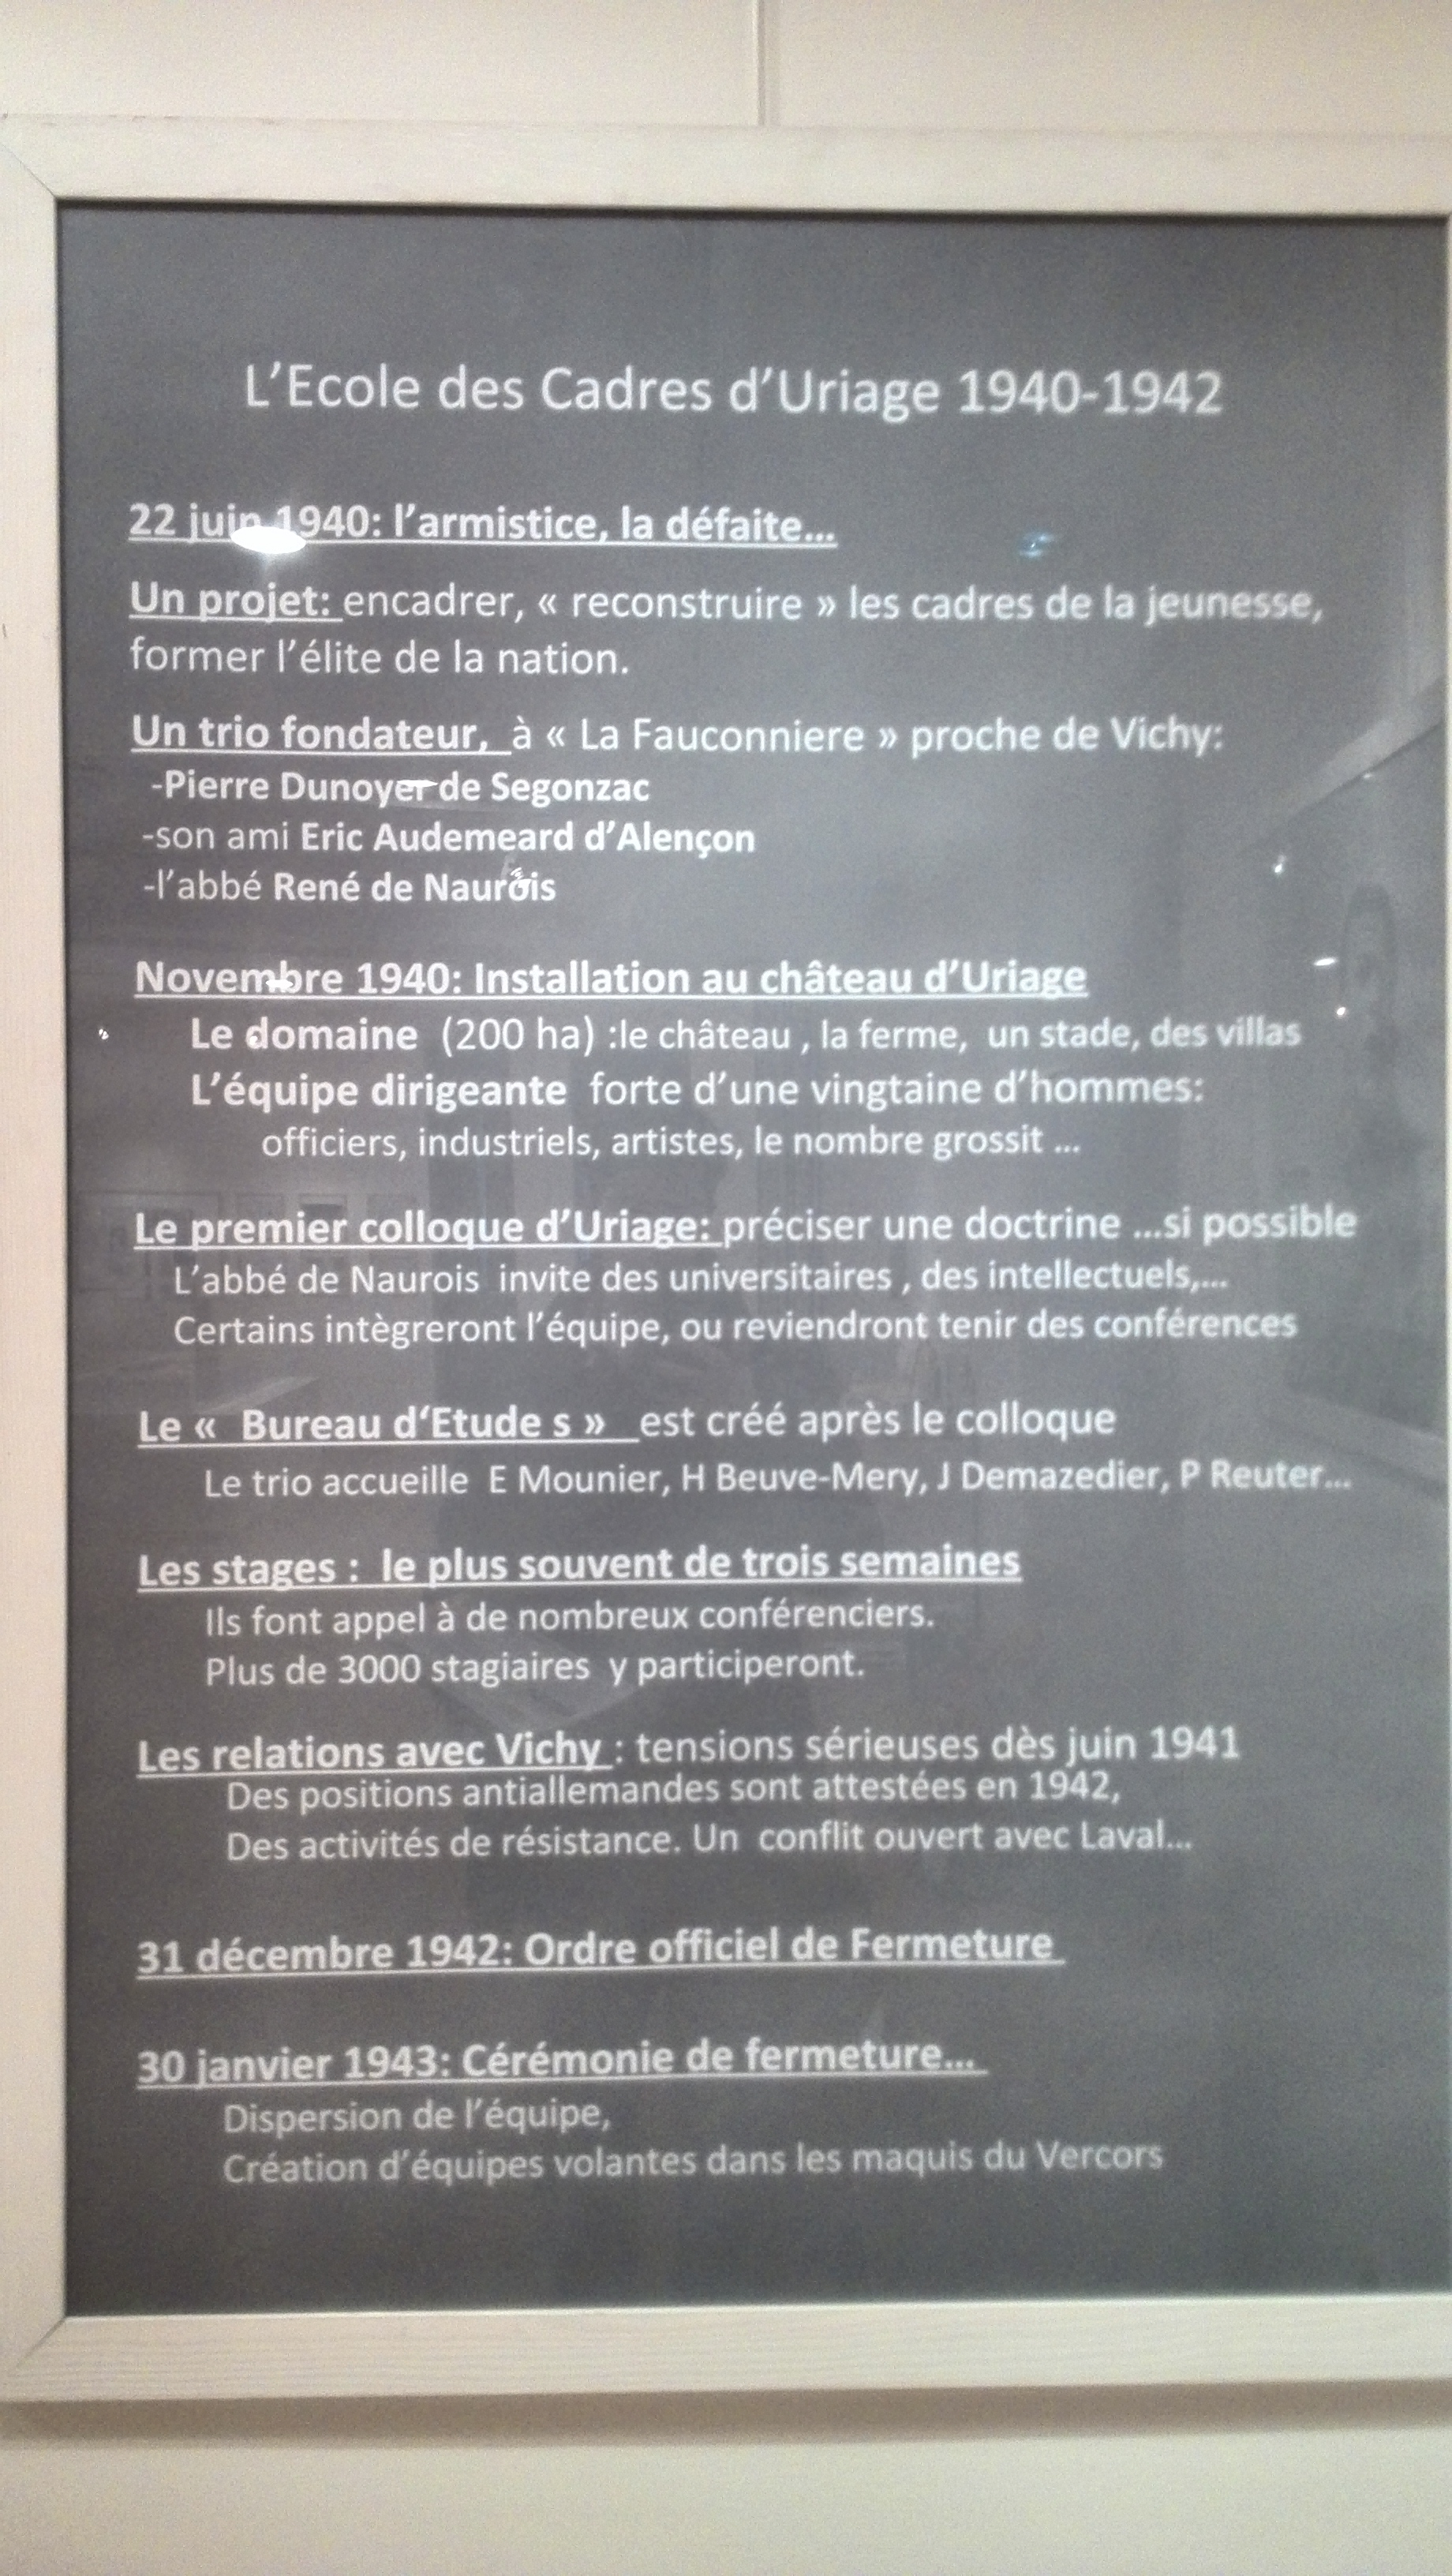 Fichier Historique Ecole Des Cadres Jpg Wikipedia